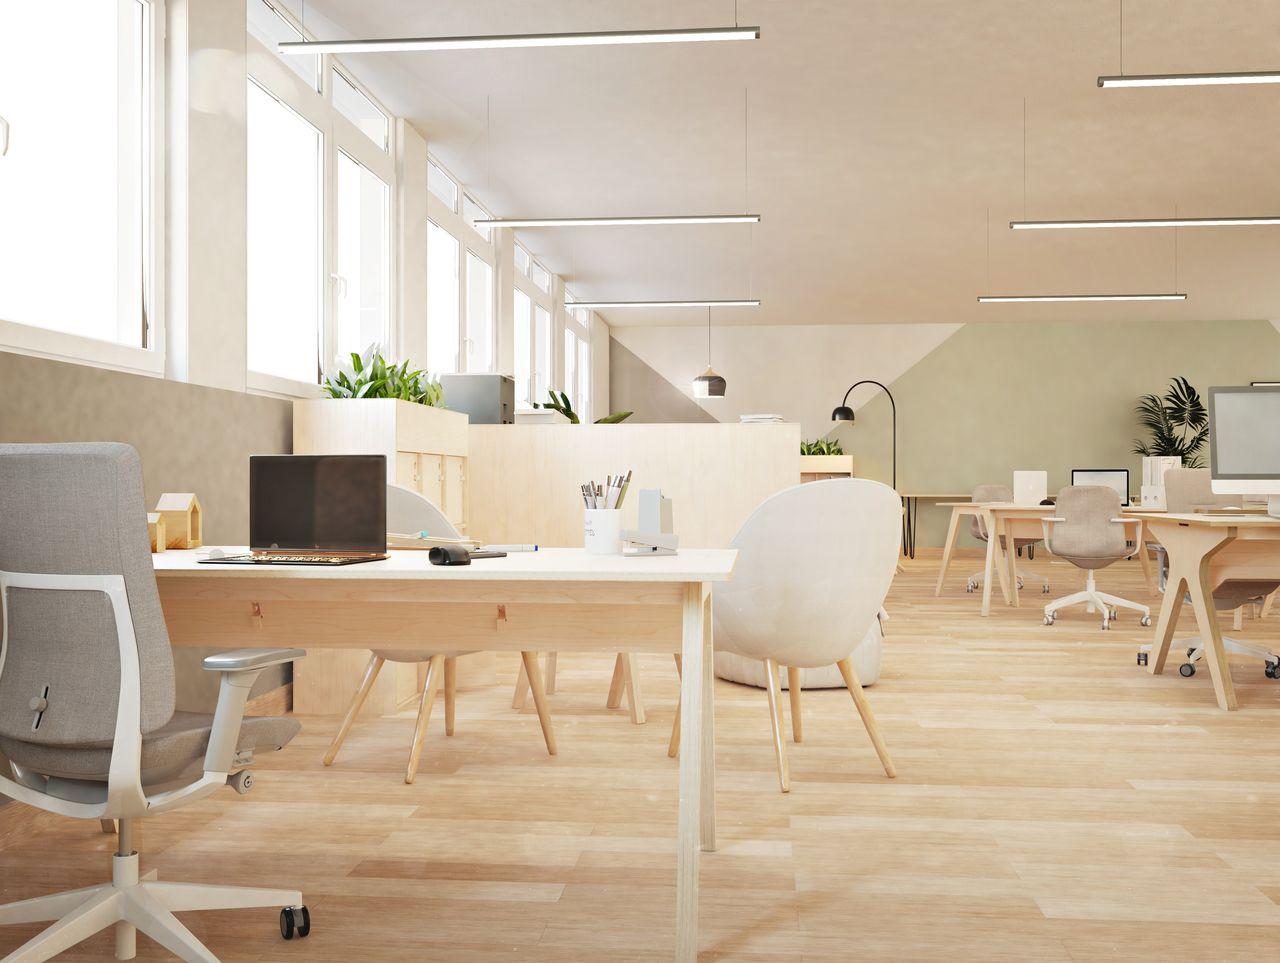 Bureau simple design en bois de bouleau pour travail individuel disposé dans un open space à l'ambiance bohème et ethnique avec des touches végétales